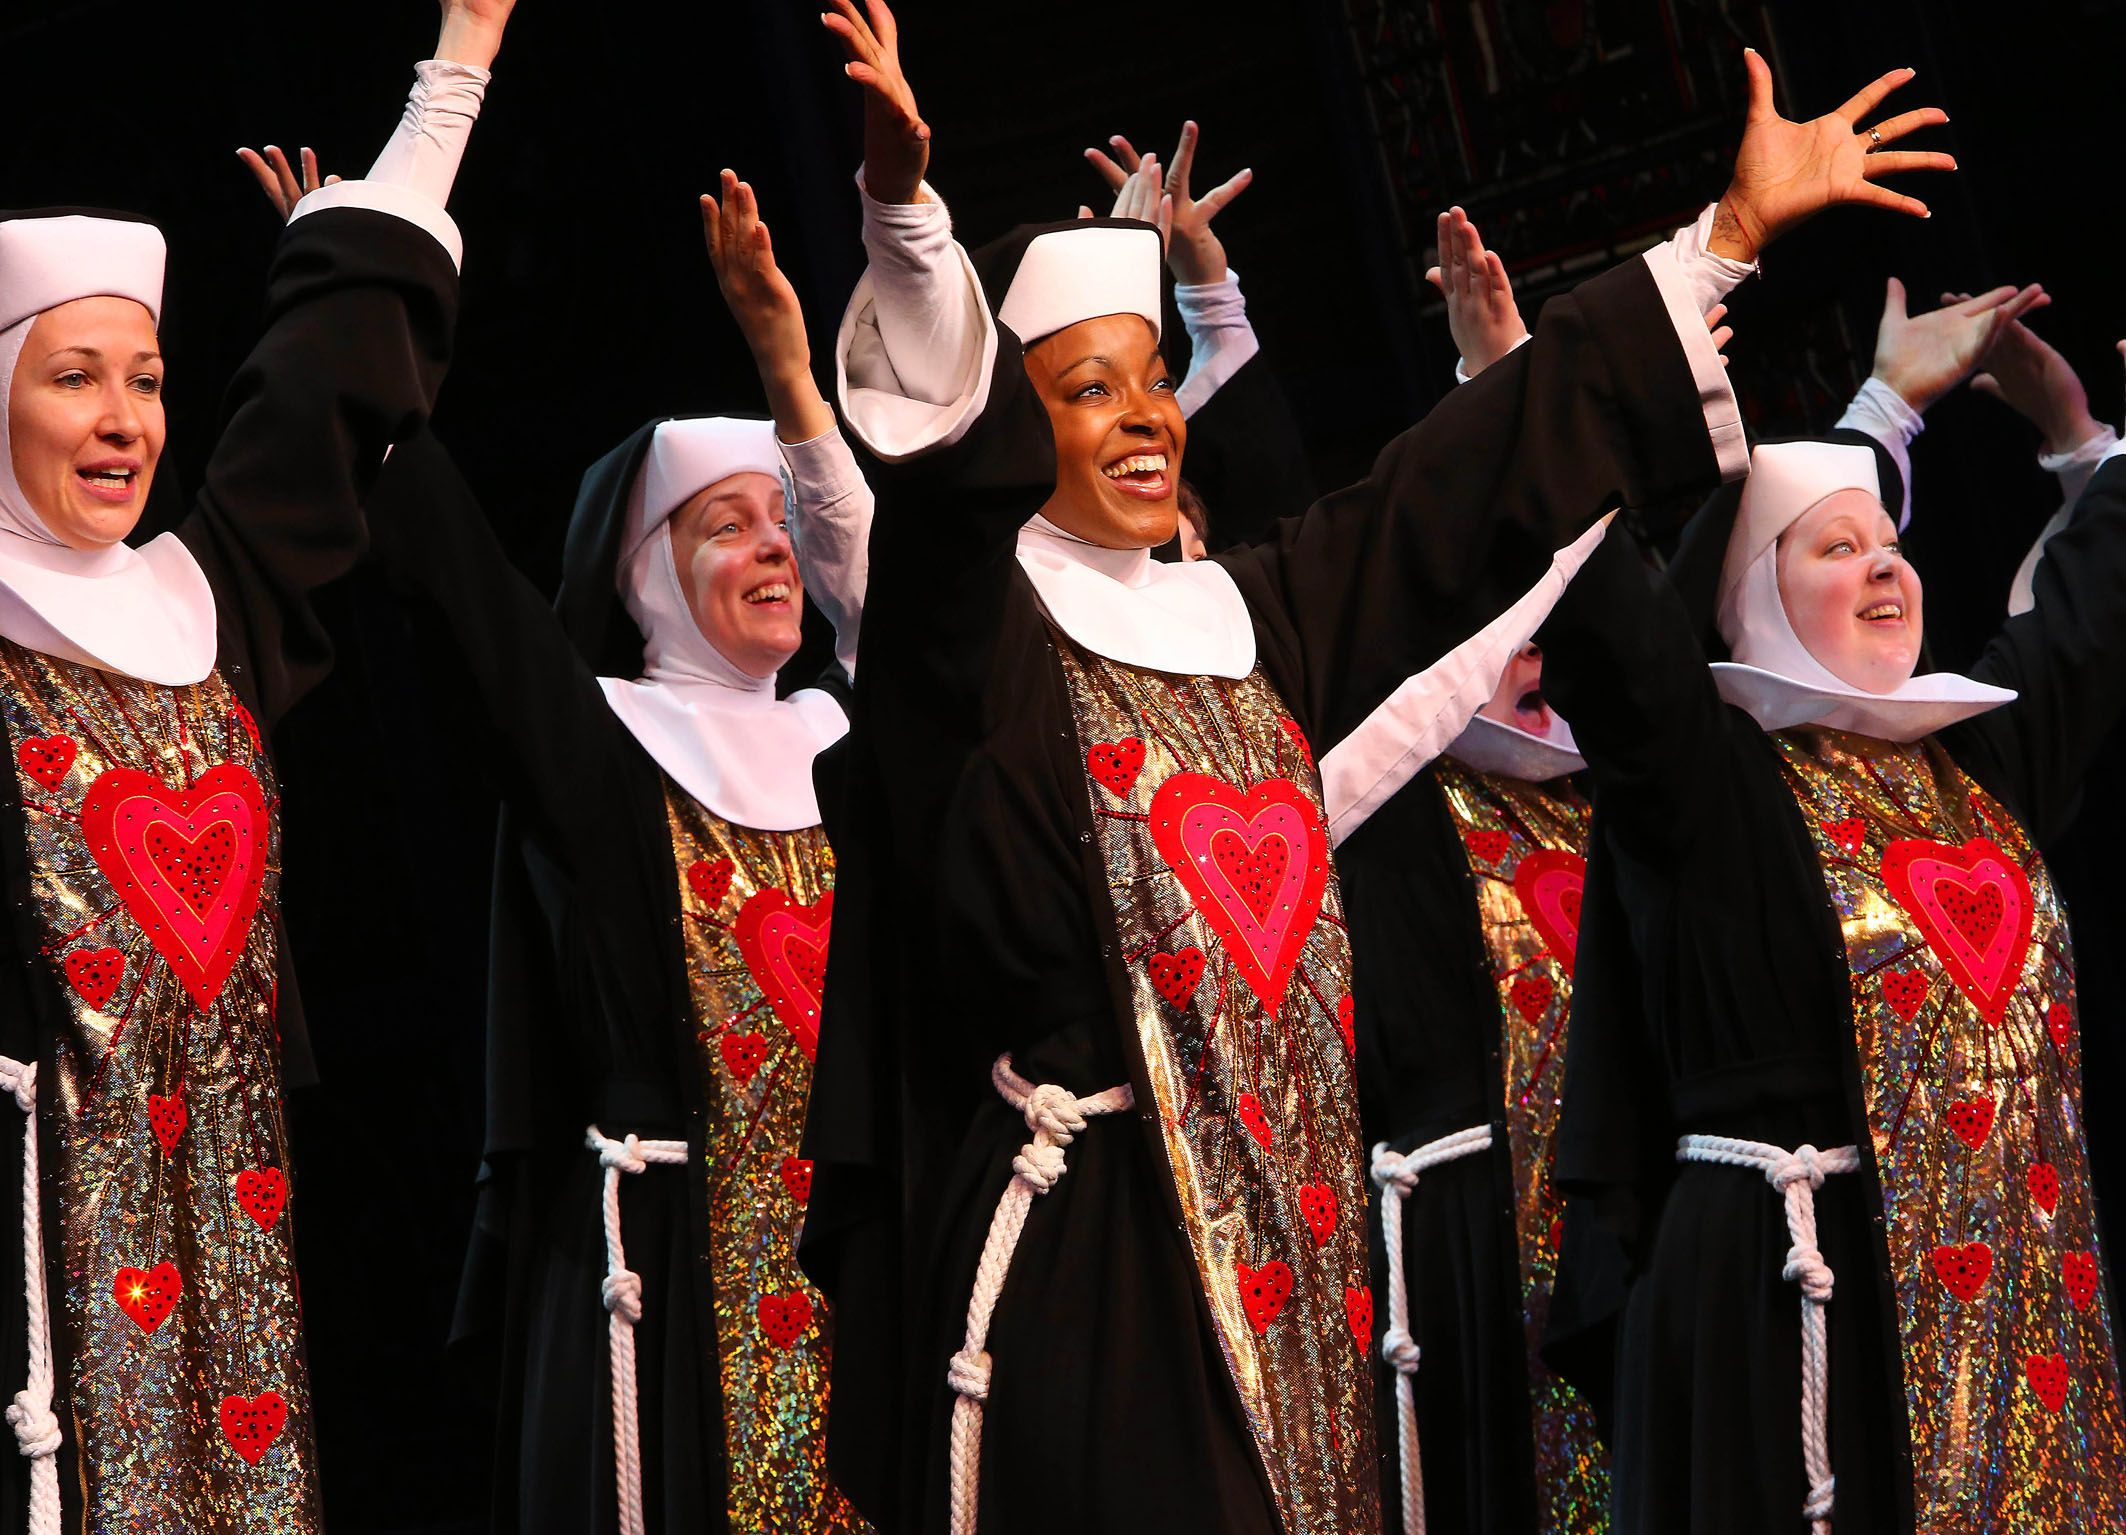 Ein himmlischer Erfolg für das Musical, das auf dem gleichnamigen Kultfilm mit Whoopi Goldberg basiert